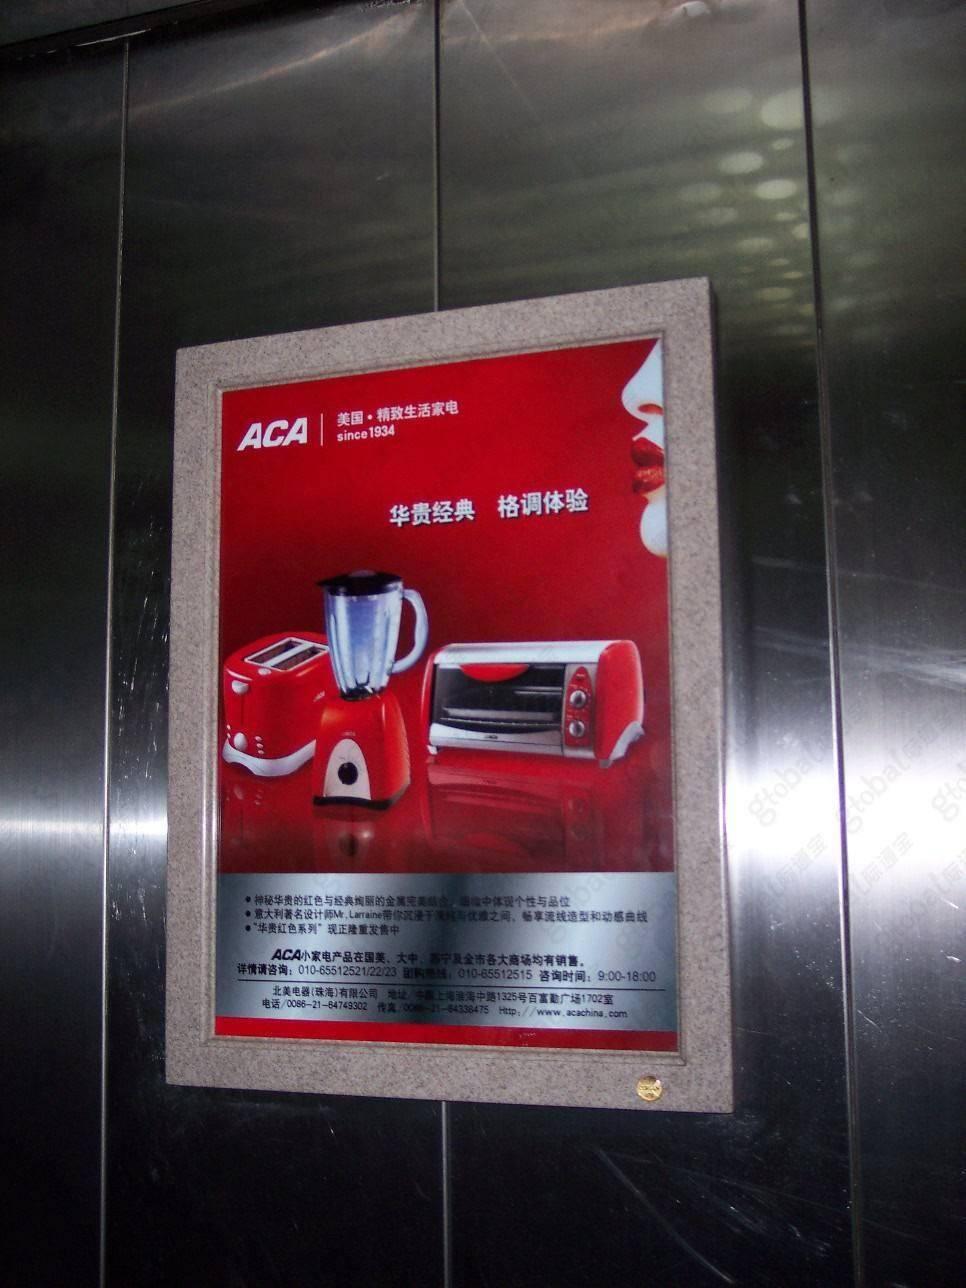 长春电梯广告公司广告牌框架3.0投放(100框起投)